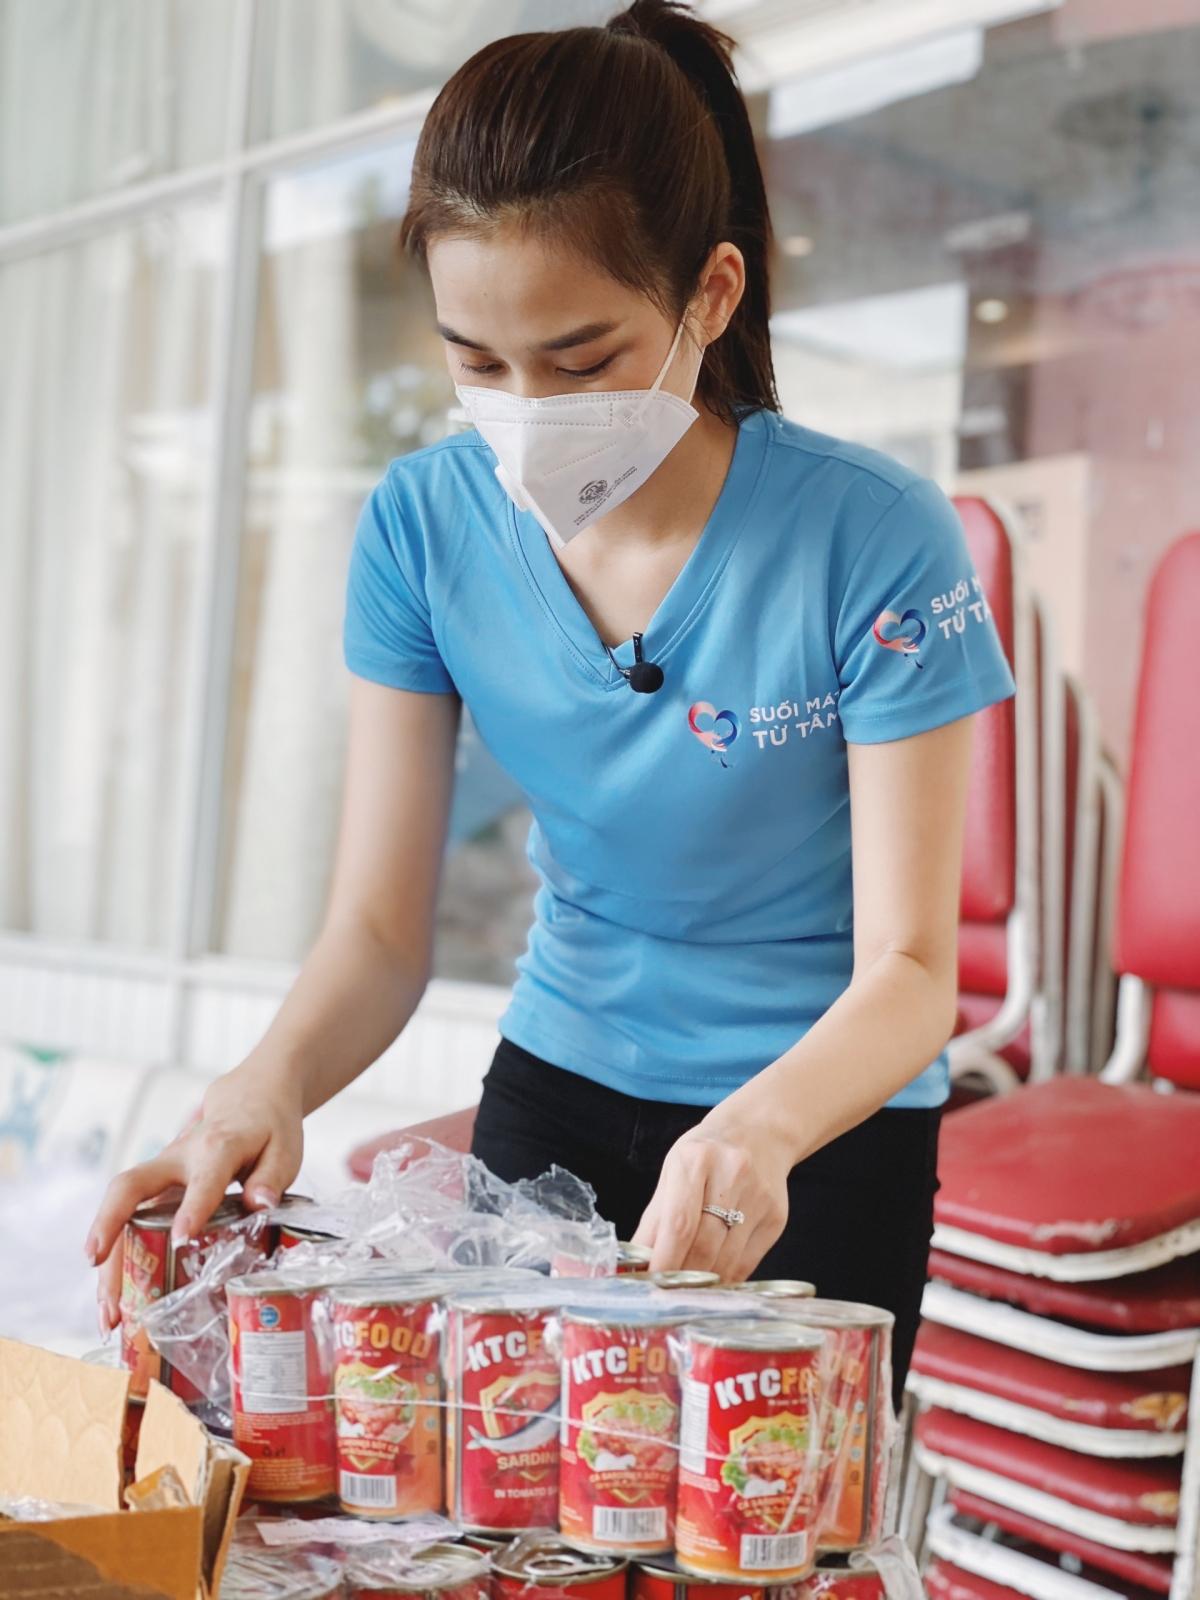 Hoa hậu Đỗ Hà chuẩn bị đồ hỗ trợ người có hoàn cảnh khó khăn.